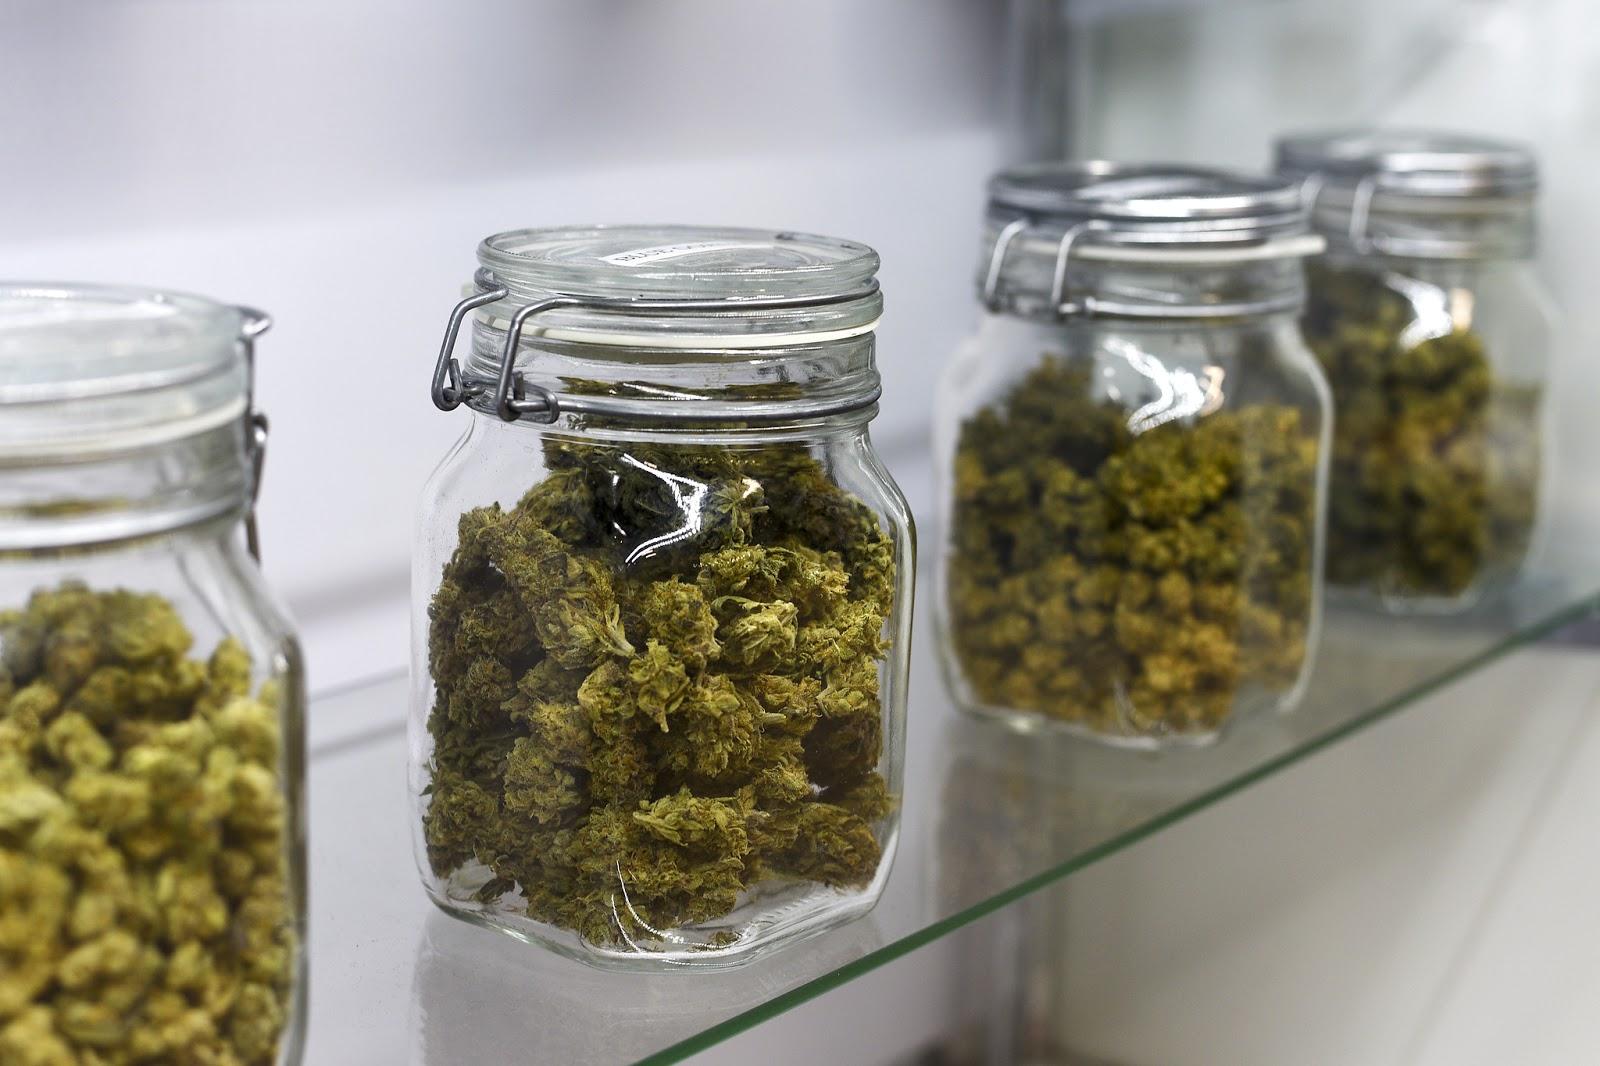 Marijuana, jars